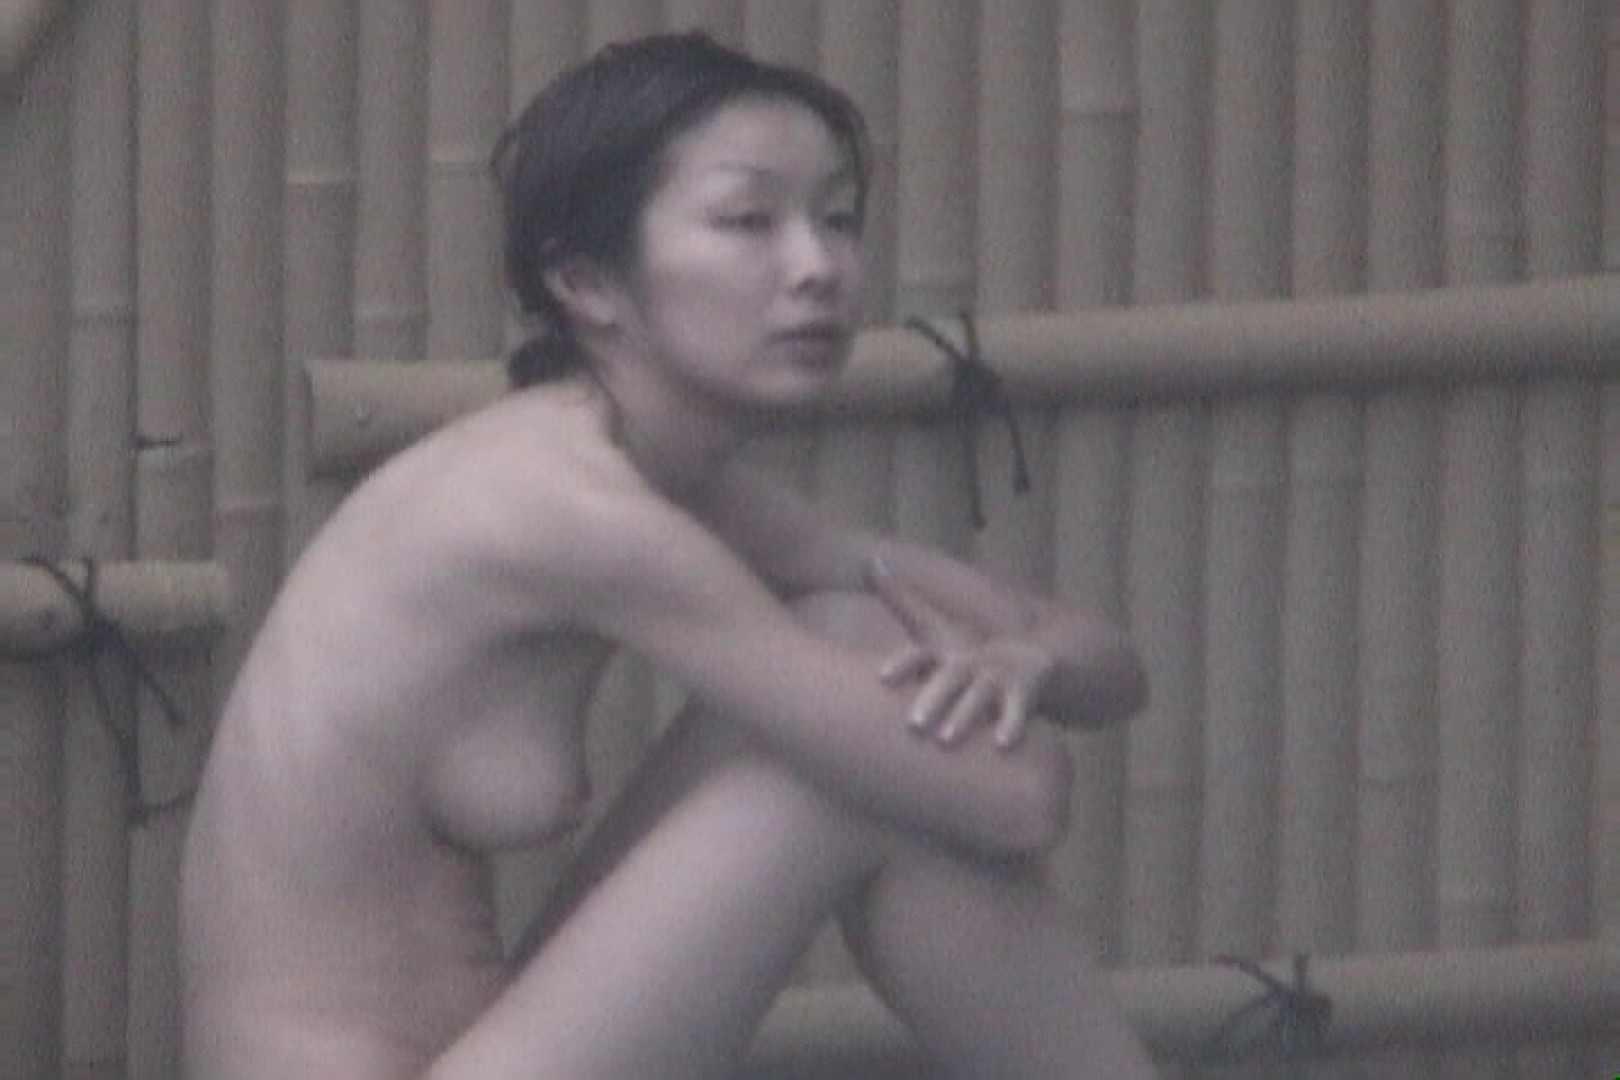 Aquaな露天風呂Vol.82【VIP限定】 OLハメ撮り  101Pix 96